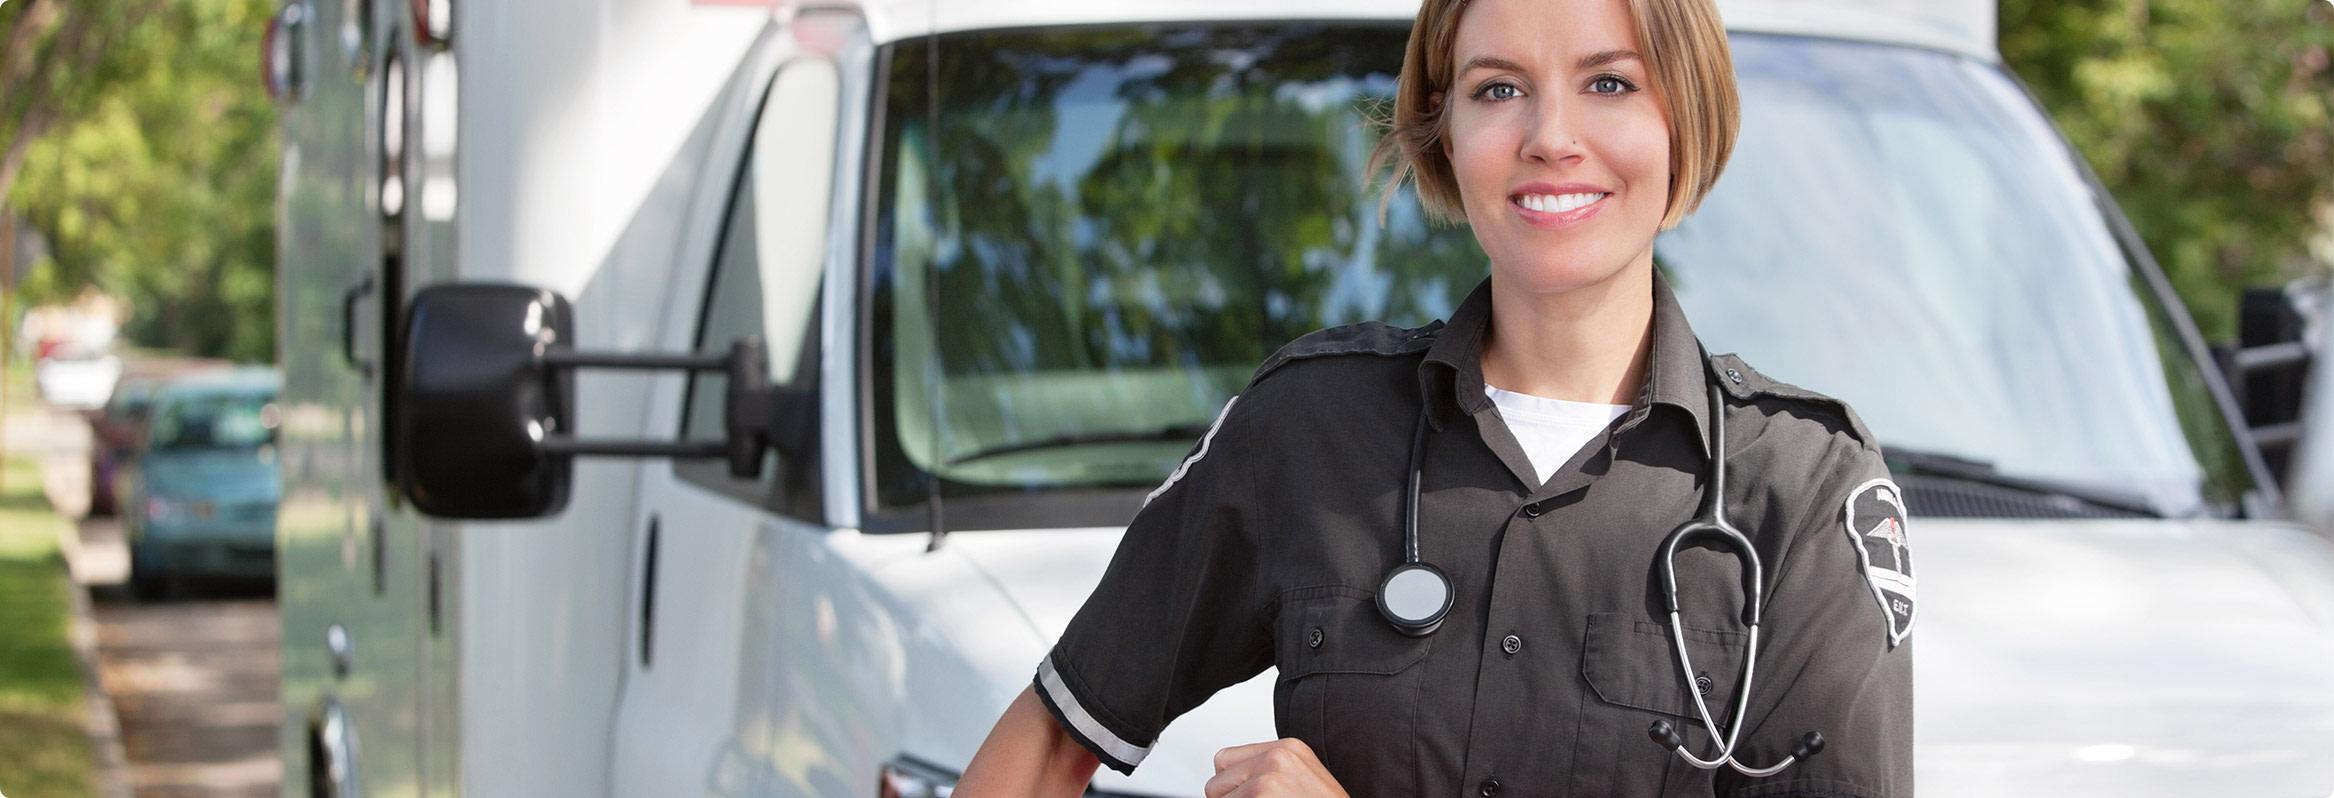 Une ambulancière devant son véhicule